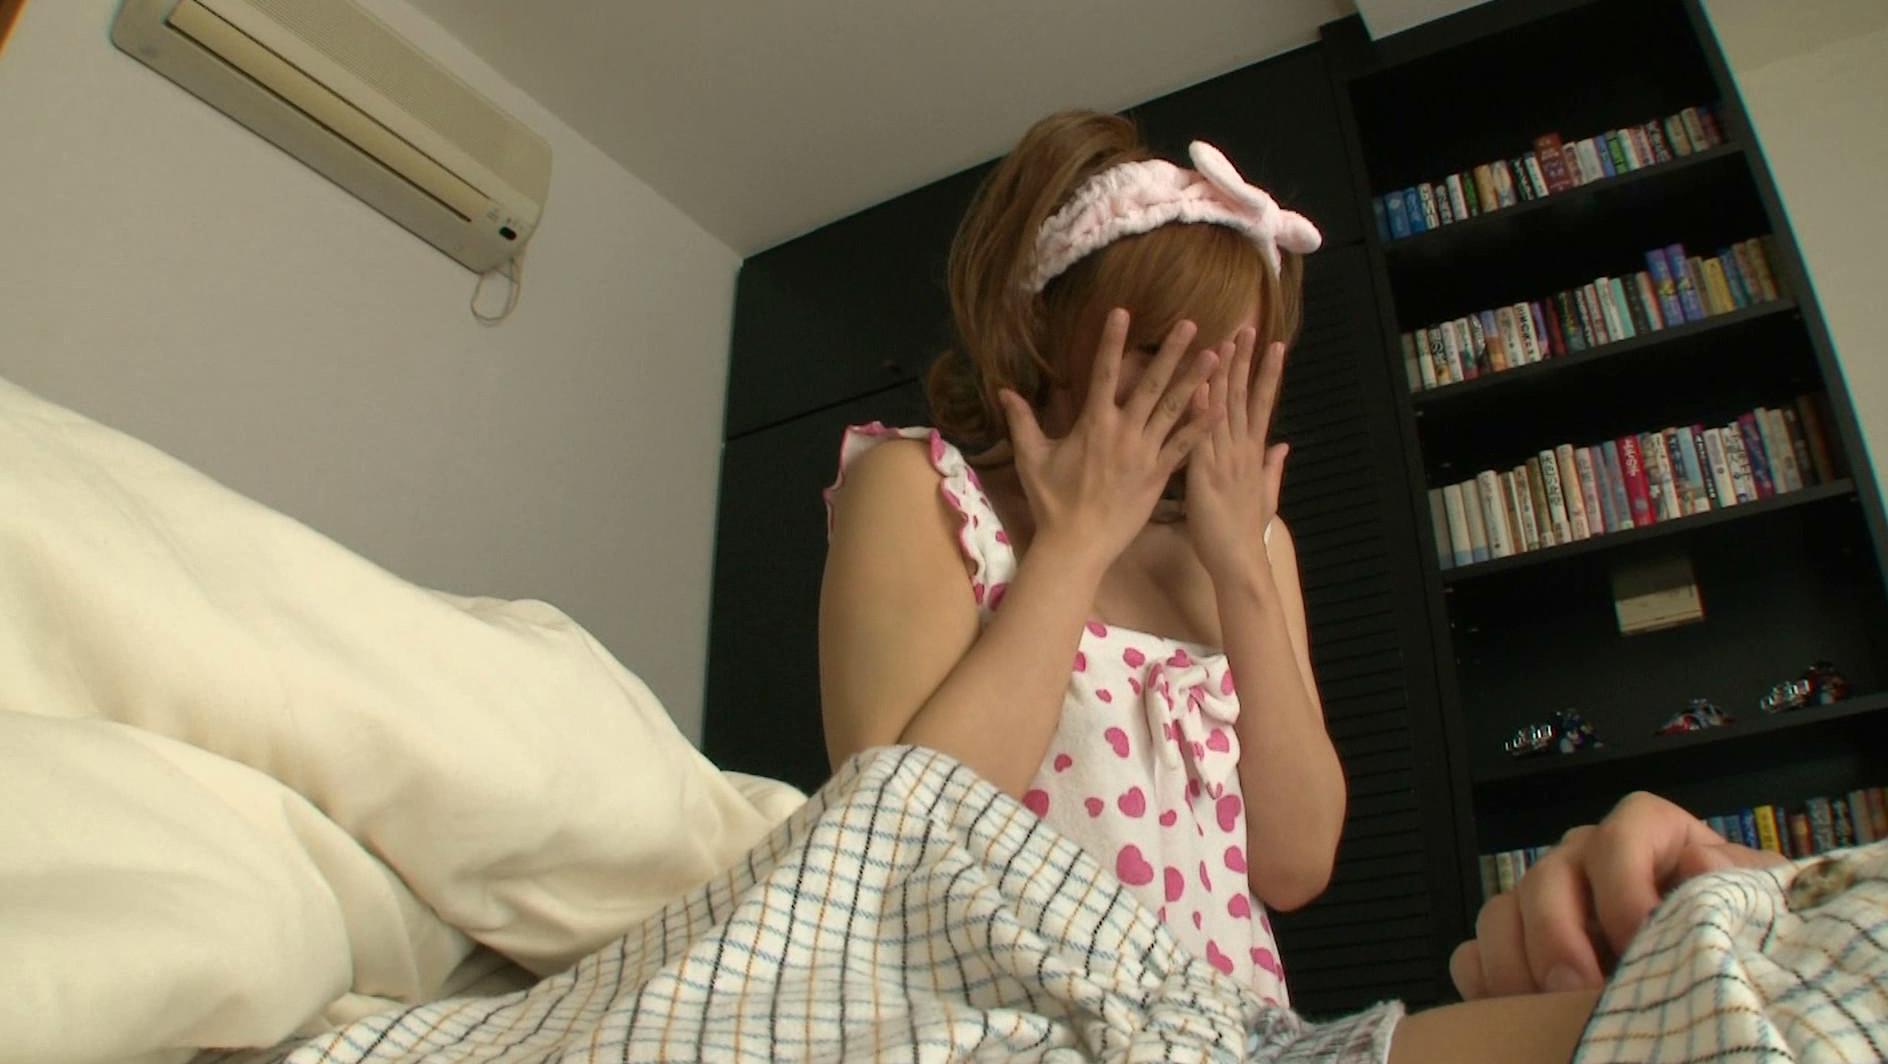 僕のカワイイ妹が寝取られて・・・ 並木優 画像4